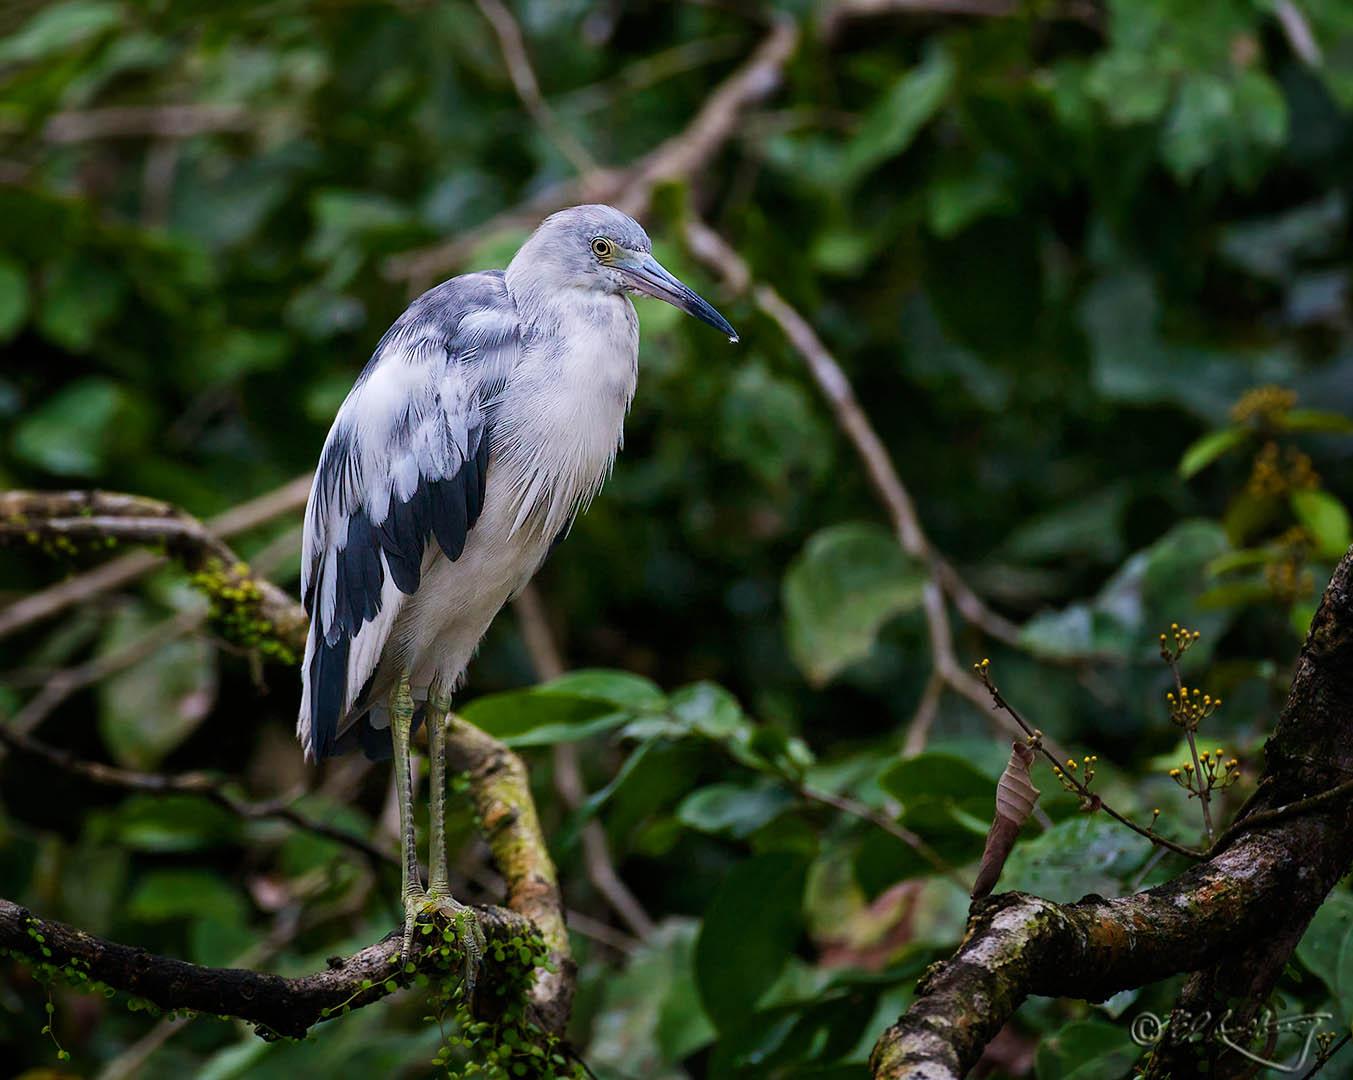 Juvenile_Little_Blue_Heron-c2